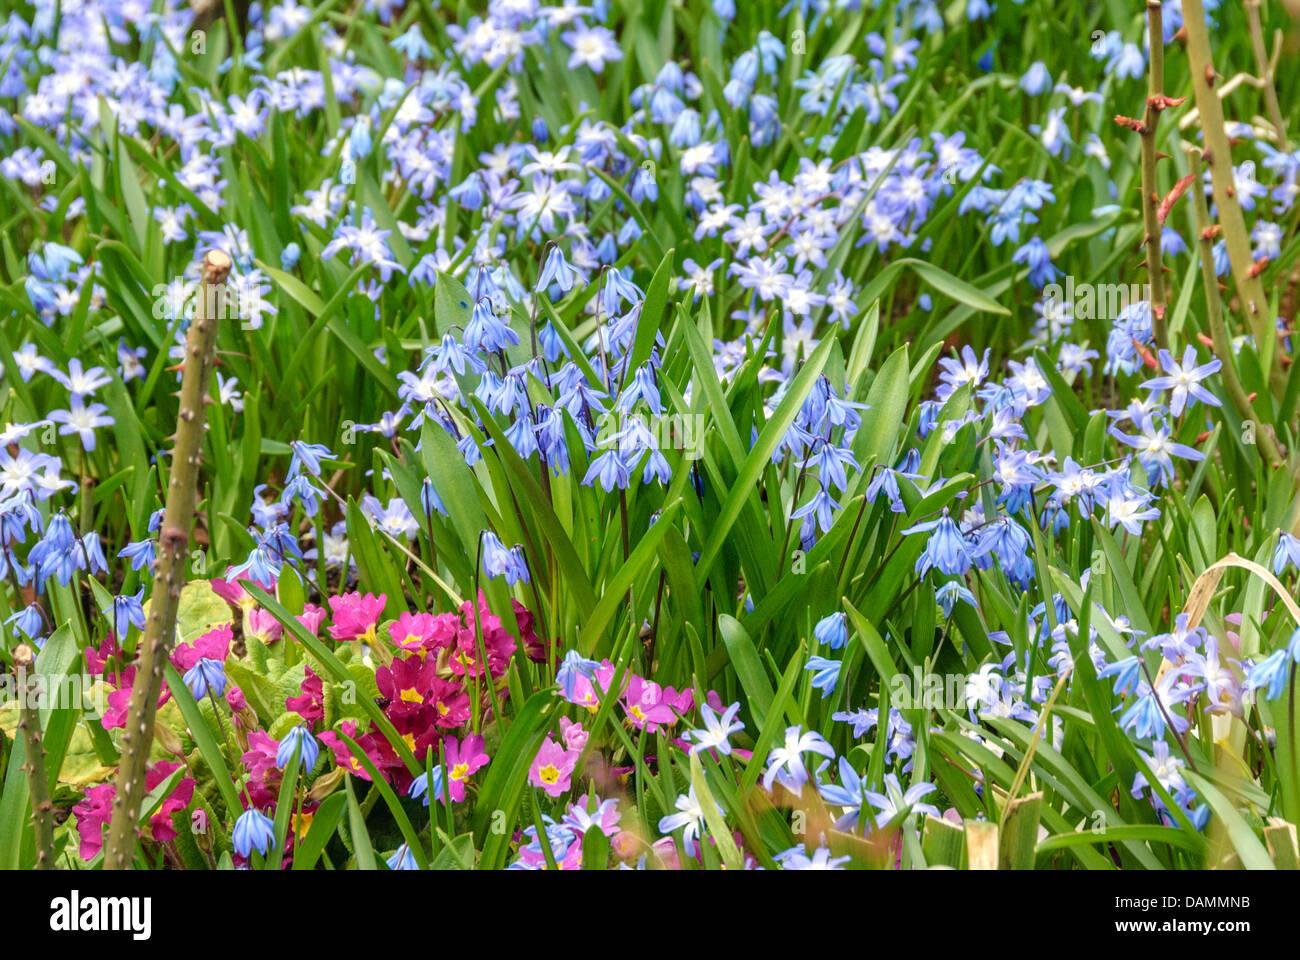 Siberian scilla, Siberian squill (Scilla siberica (falsch: Scilla sibirica)), blooming together with primroses, - Stock Image